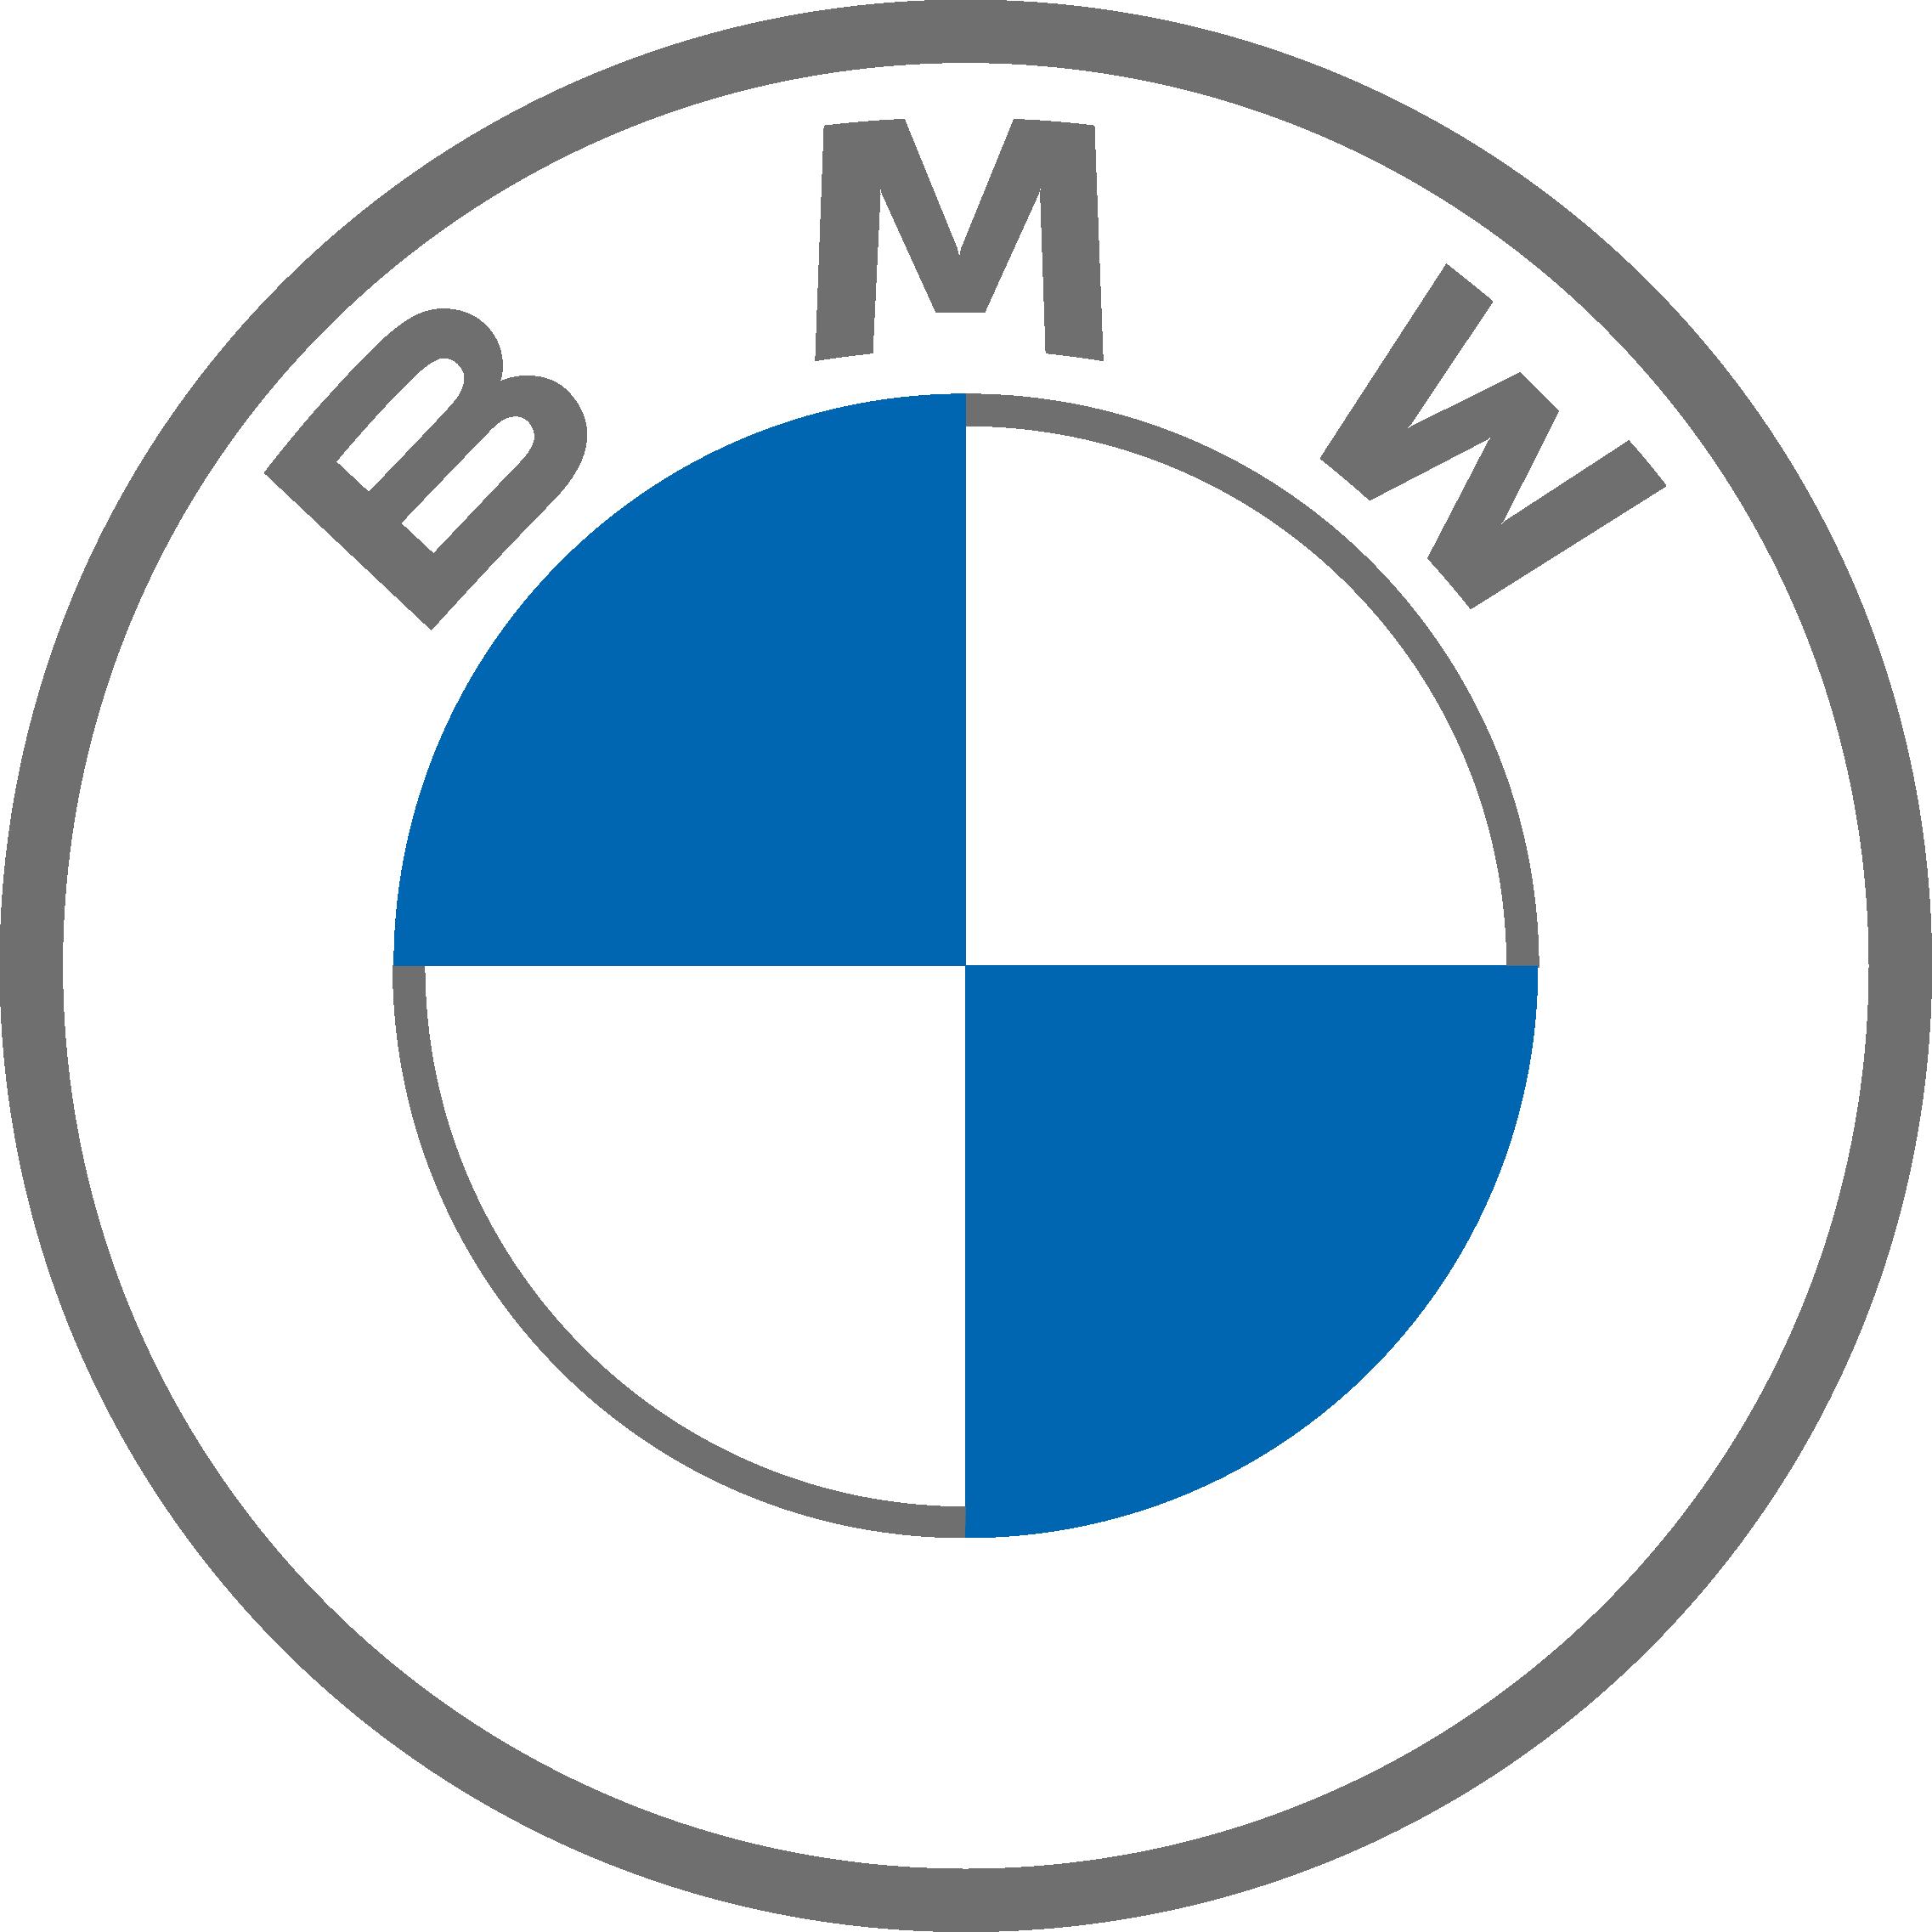 CONCESSIONARIO AUTO BMW USATE Idea Auto Srl a Bomporto in provincia di Modena: acquisto auto e veicoli commerciali in contanti, soccorso stradale H24, carroattrezzi sempre operativo, vendita auto nuove e usate, veicoli commerciali nuovi e usati